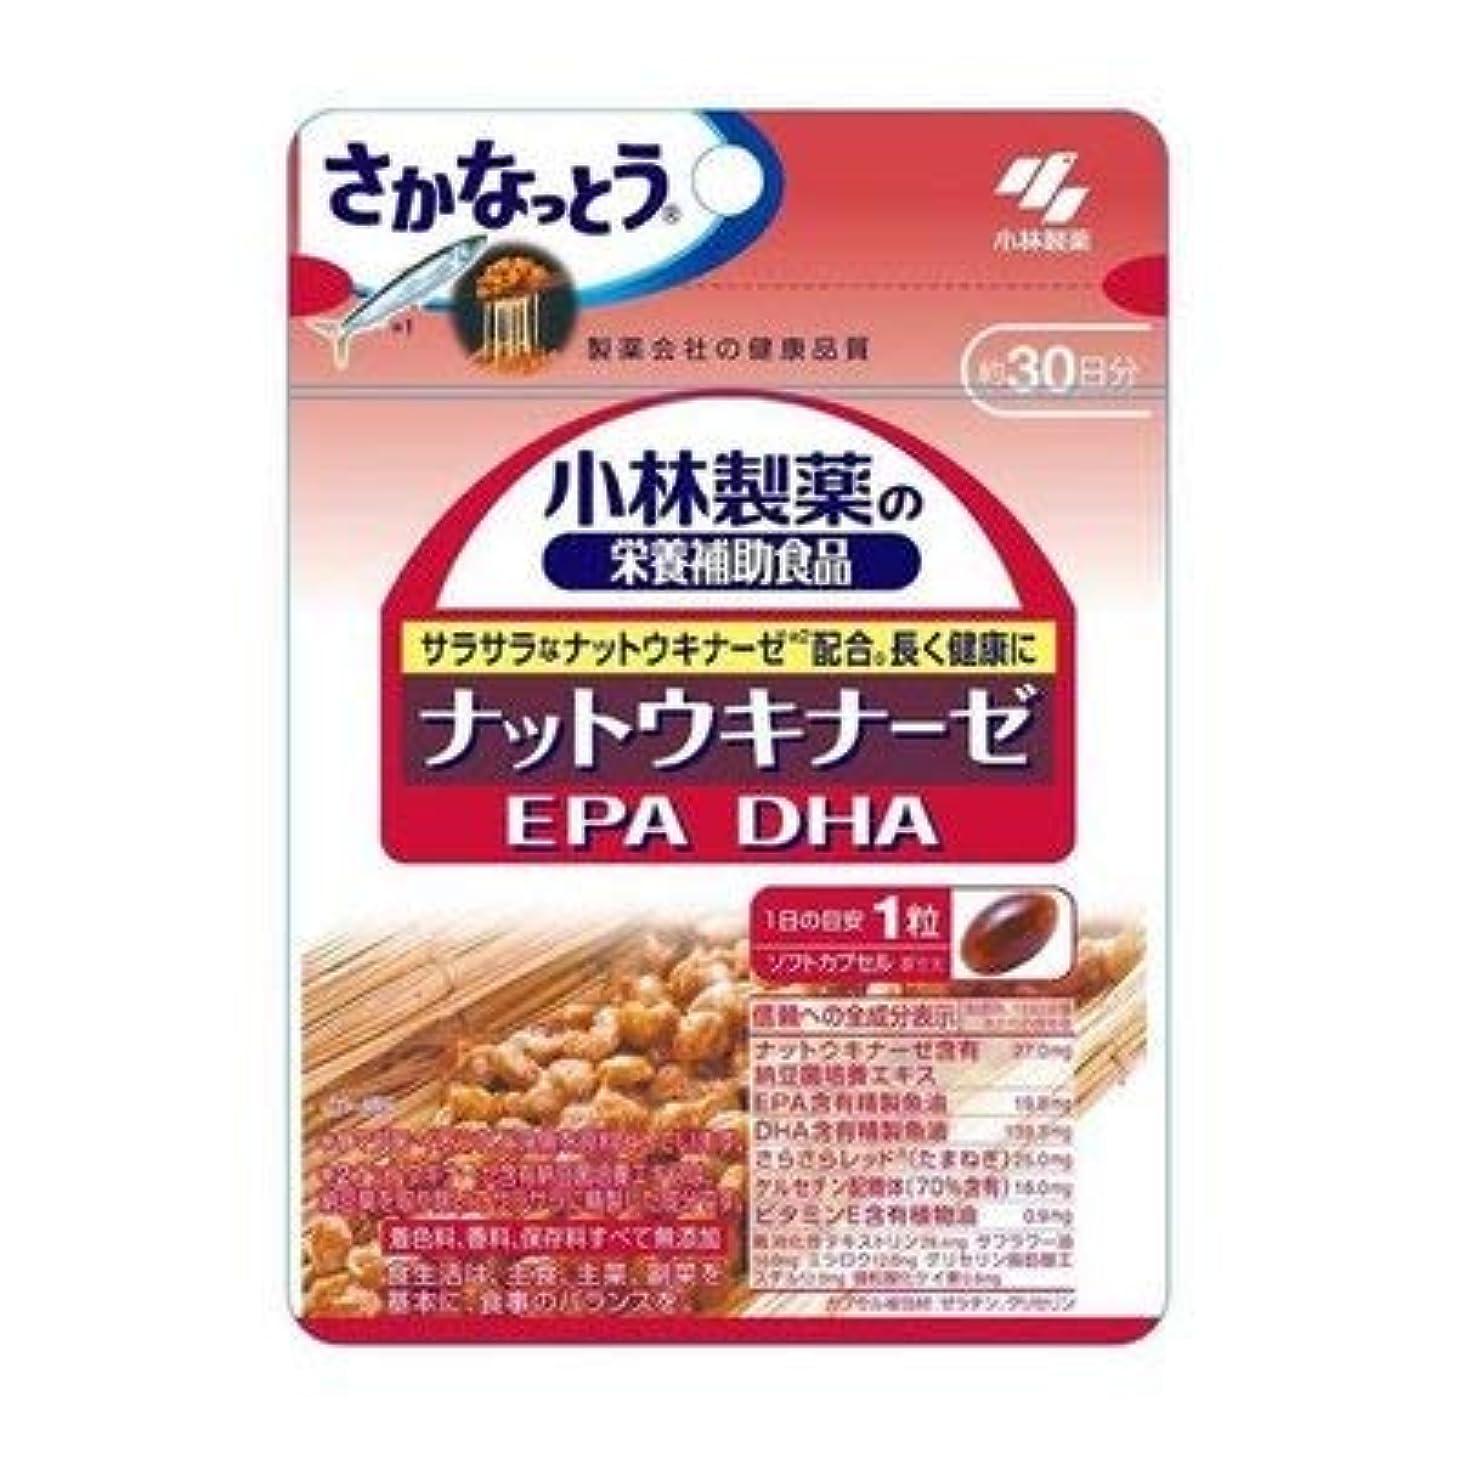 急いで贅沢なニンニク小林製薬 小林製薬の栄養補助食品ナットウキナーゼ?DHA?EPA30粒×5袋